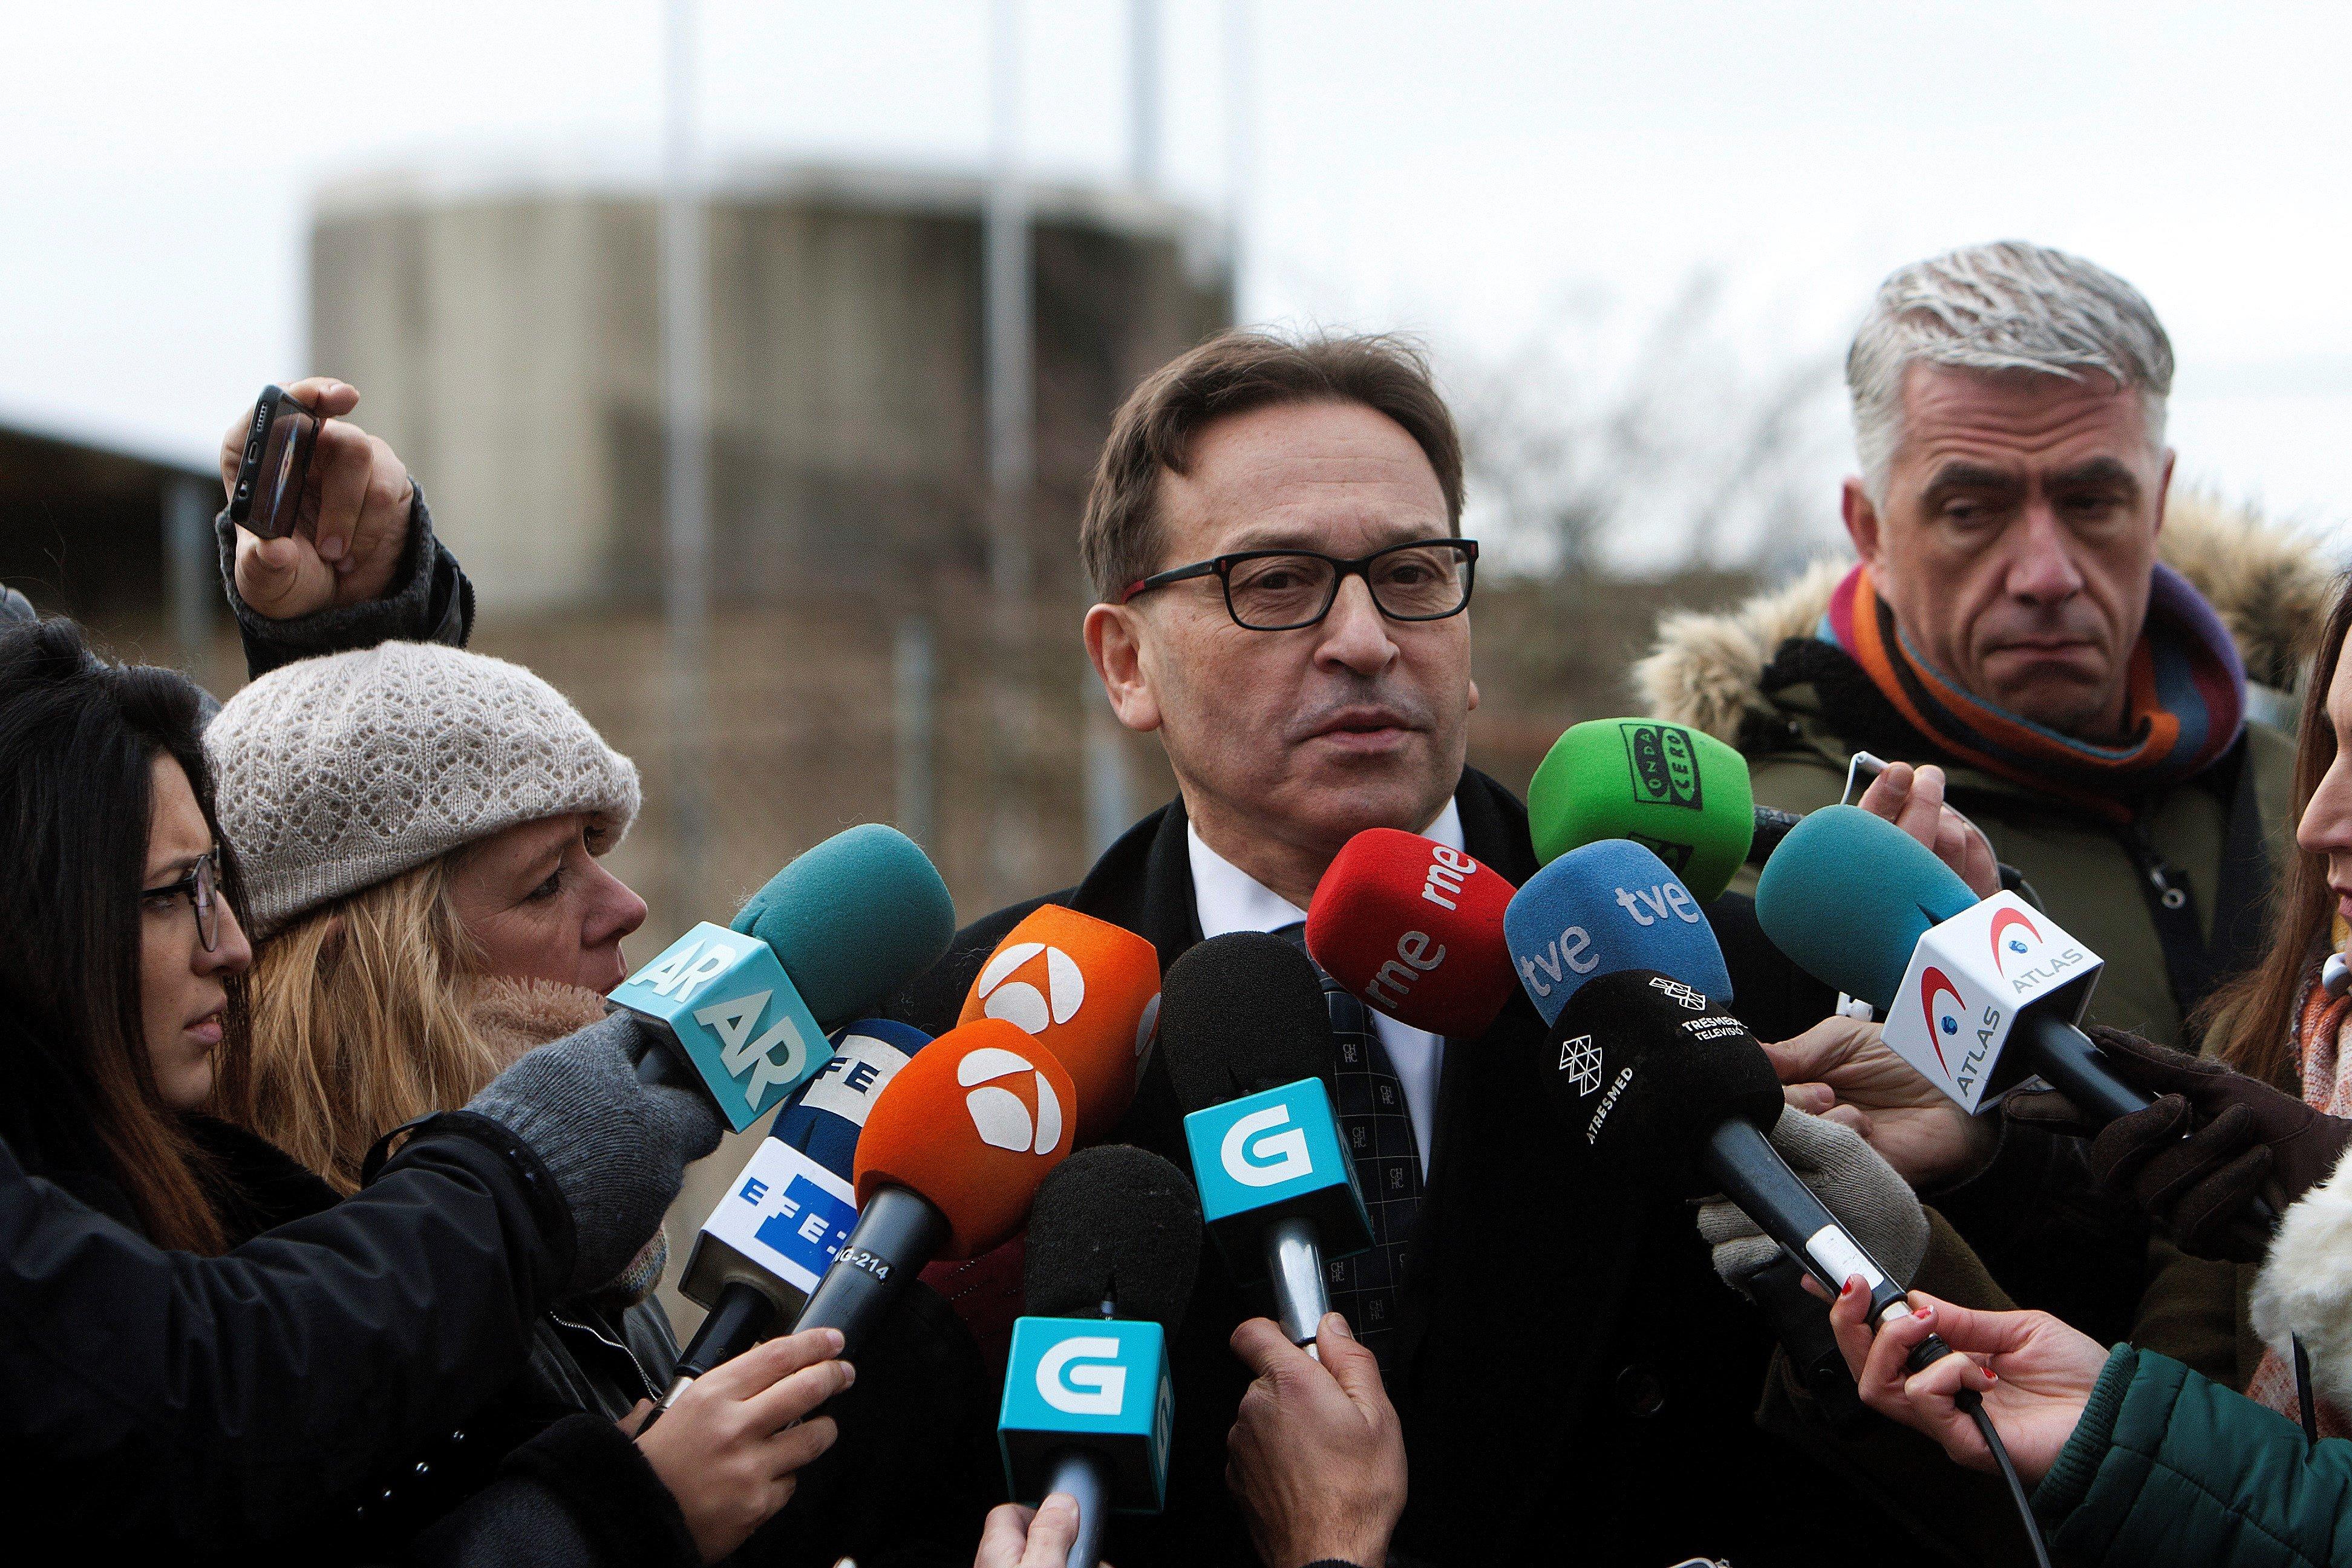 El abogado Ramón Sierra comunicando su decisión de dejar de representar a José Enrique Abuín Gey, el Chicle - FOTO: EFE